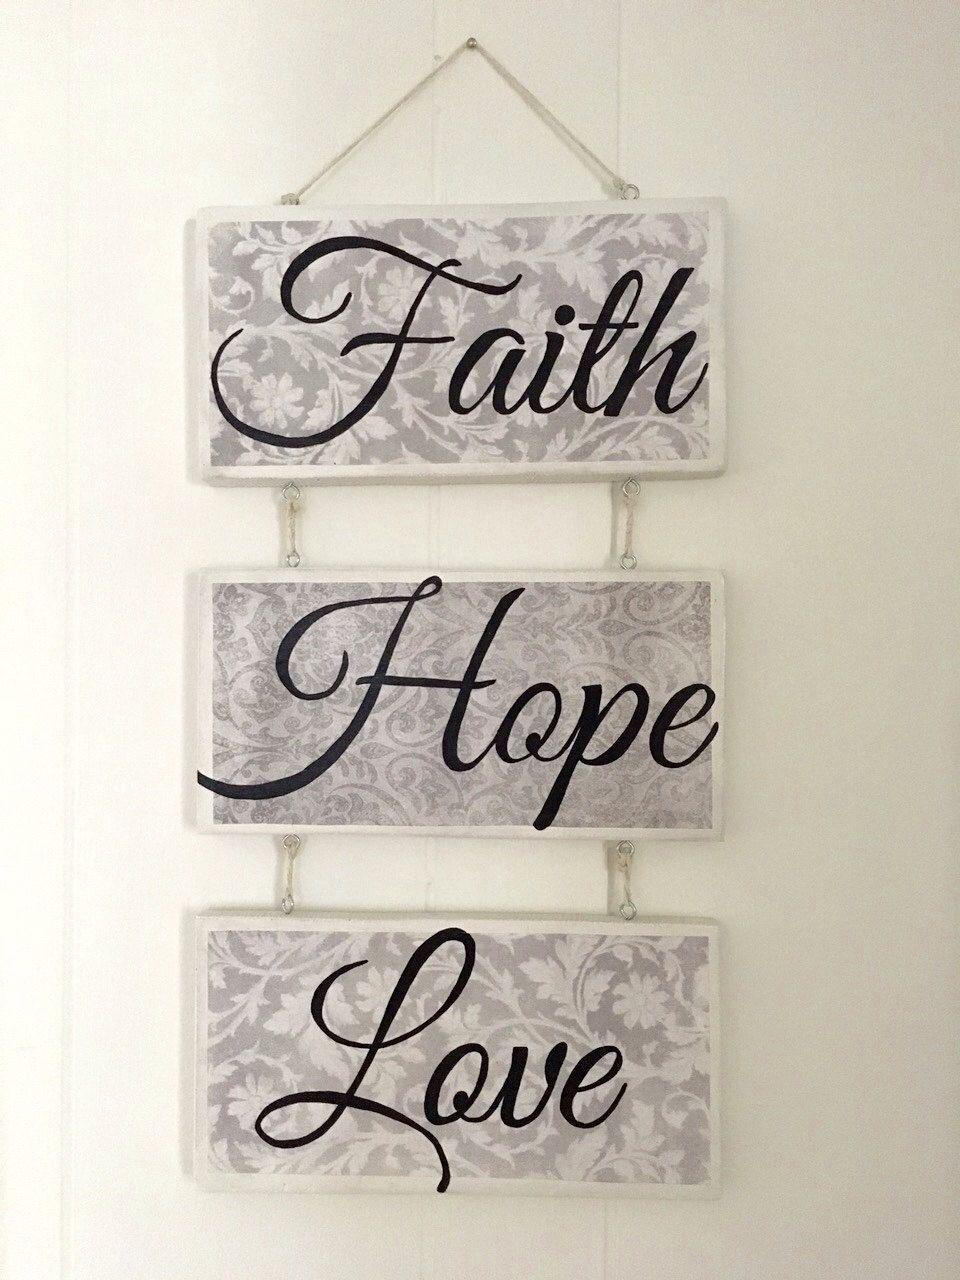 Wall Decor Sign, Faith Hope Love Signmarywarmth On Etsy Inside Faith, Hope, Love Raised Sign Wall Decor (View 2 of 30)